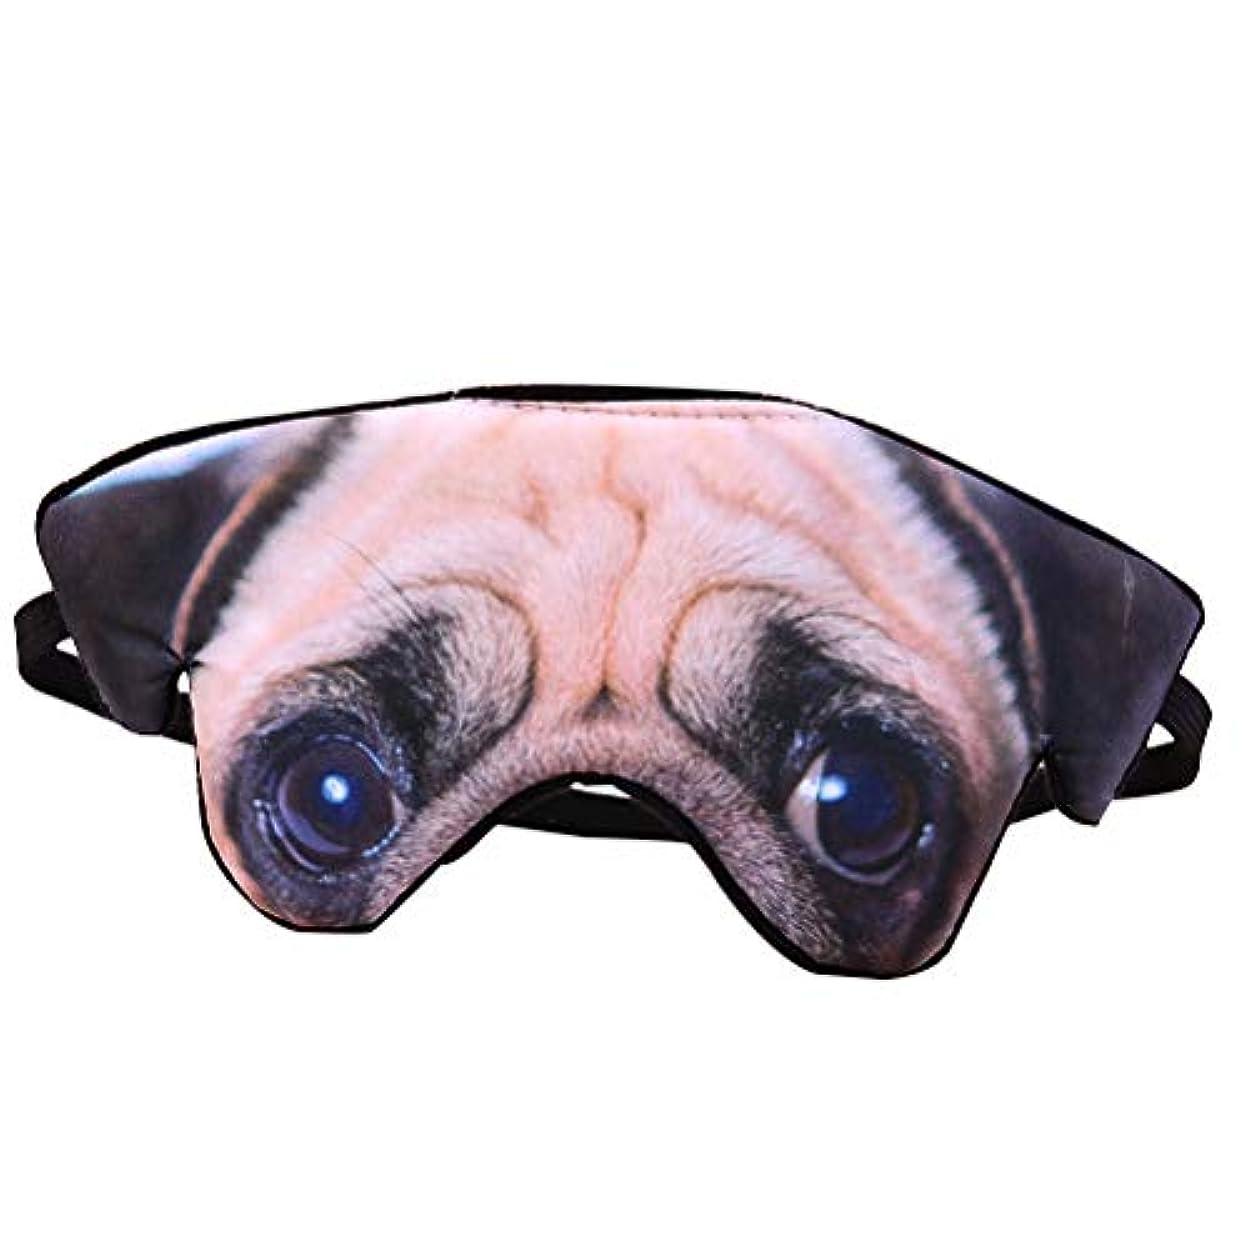 ばかげた英語の授業があります抽象化HEALIFTY 睡眠目隠し3D犬のパターンアイマスクファニーシェードナップカバー目隠し睡眠マスク目の眠りゴーグル(Pug)